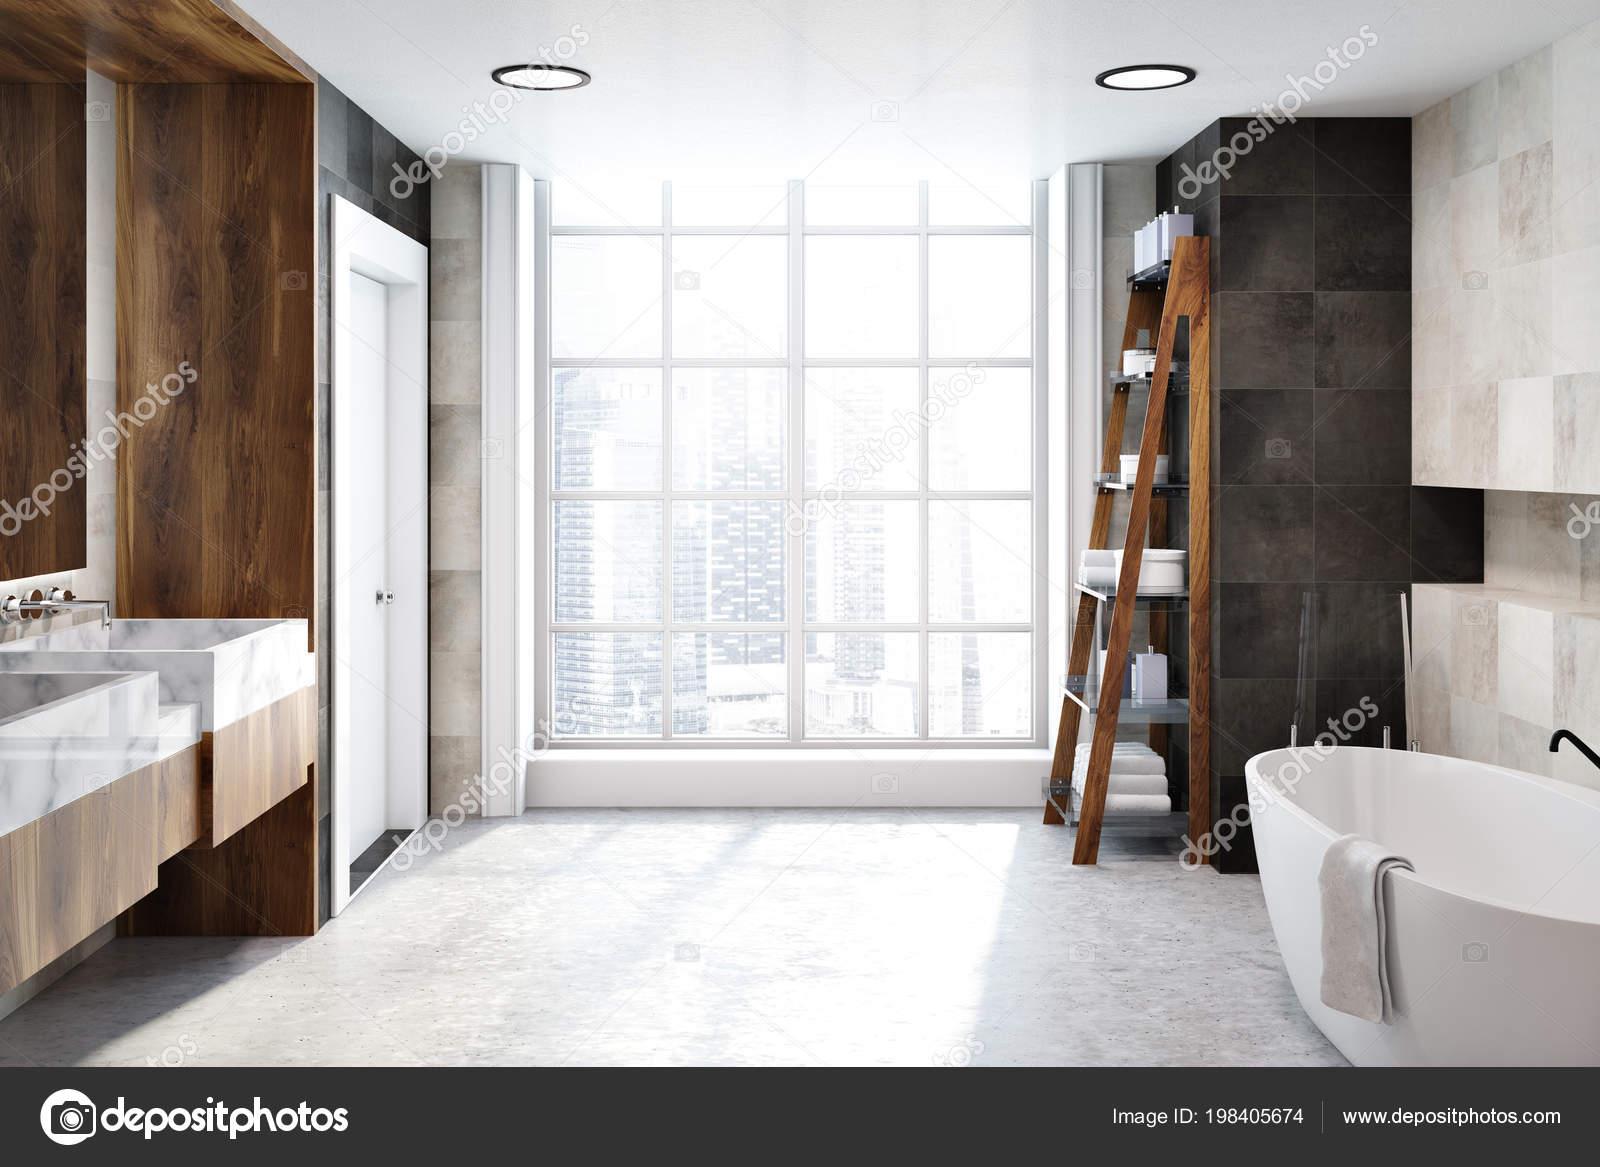 Witte Tegels Badkamer : Witte tegels badkamer interieur met een betonnen vloer een grote